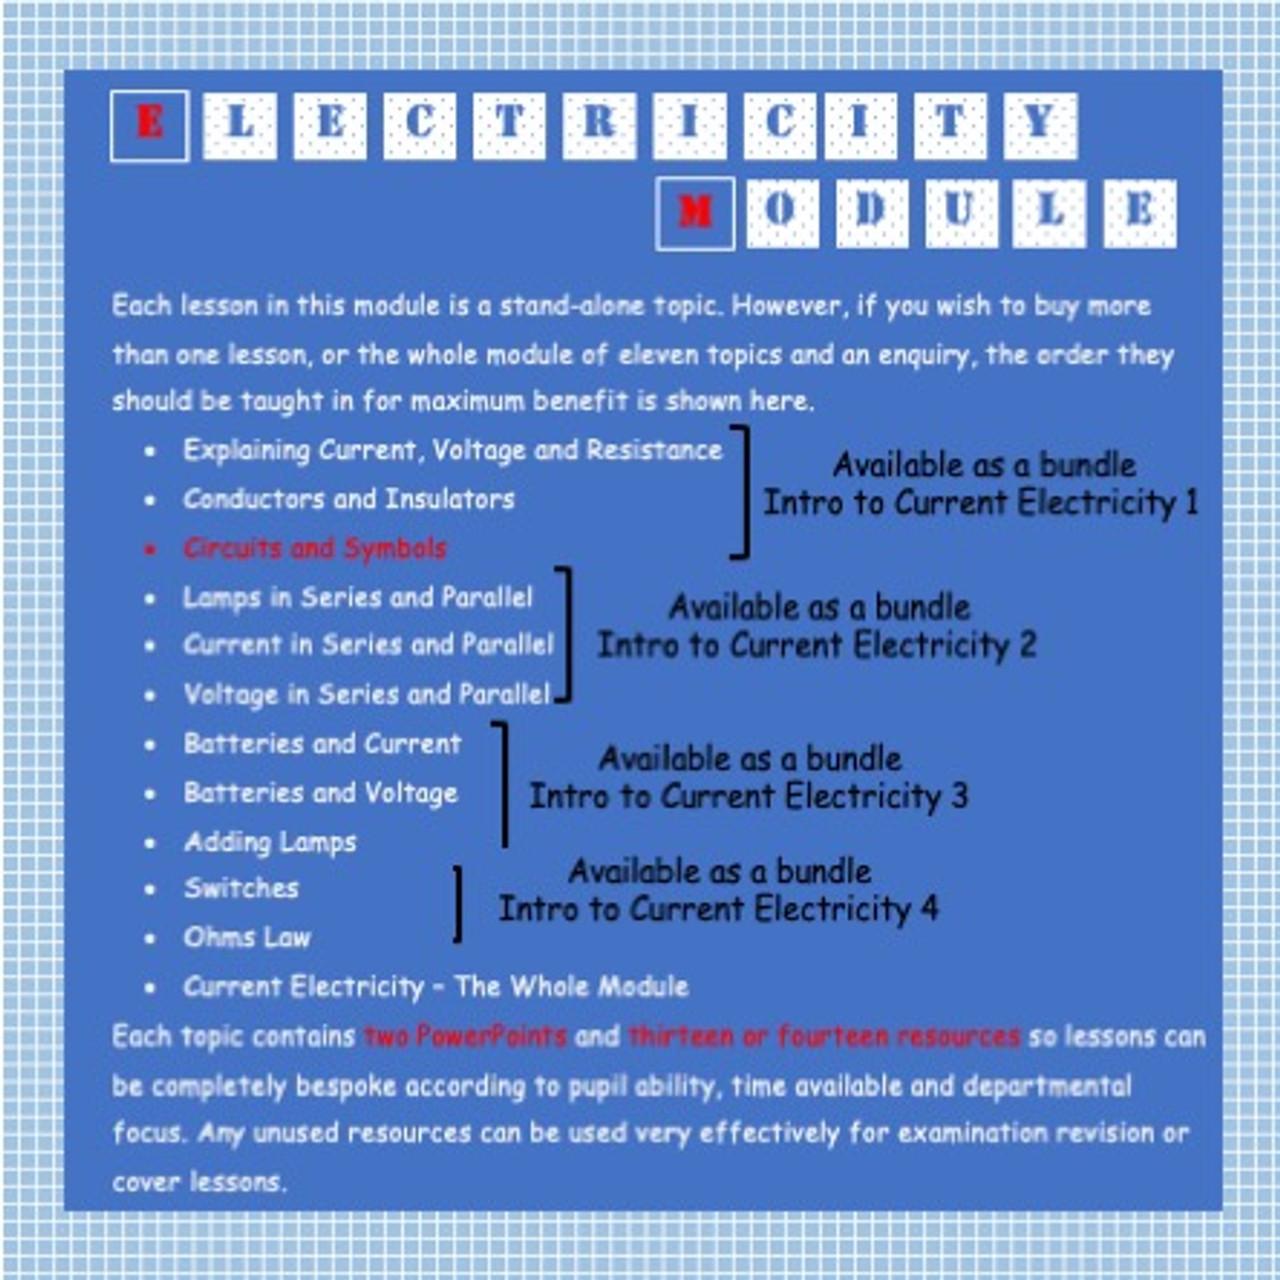 Circuits and Symbols